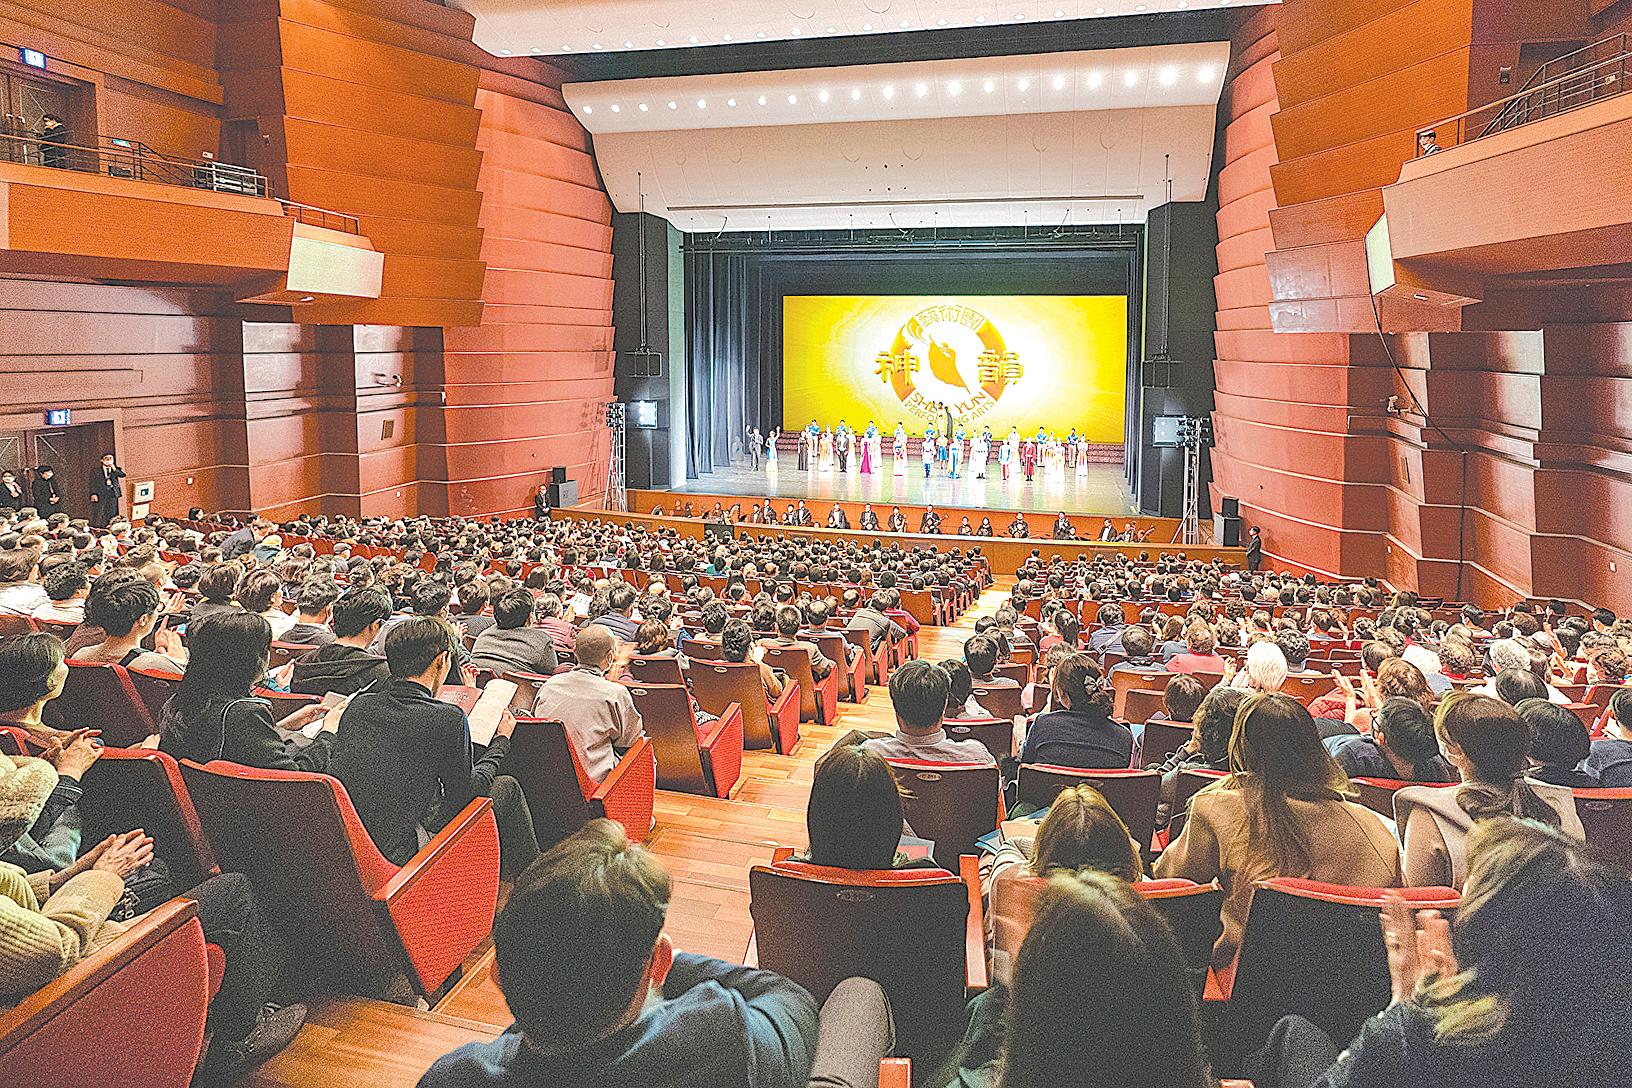 2020年2月15日下午,美國神韻紐約藝術團在南韓昌原市3.15藝術中心的演出,謝幕時觀眾以熱烈掌聲感謝神韻藝術家。(全景林/大紀元)